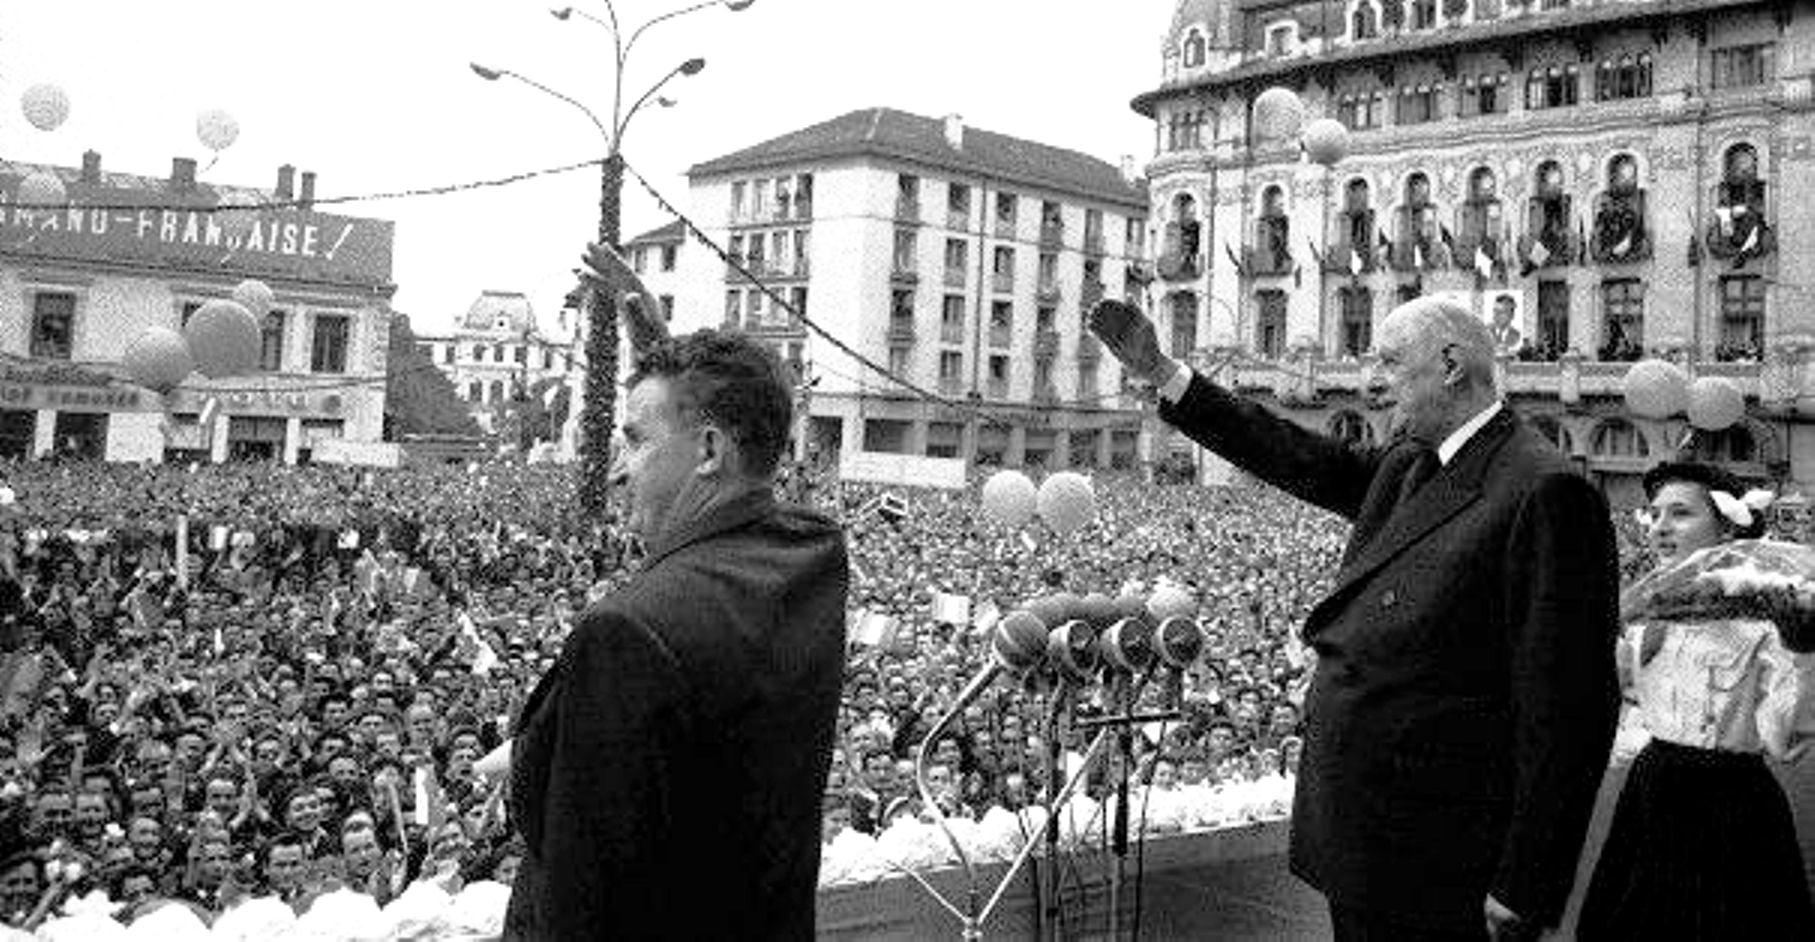 Ο Γαλλικός Μάης 1968:                                               Το Παραμύθι και η Αλήθεια Γαλλική και Ελληνική Μαρτυρία Αυτόπτη